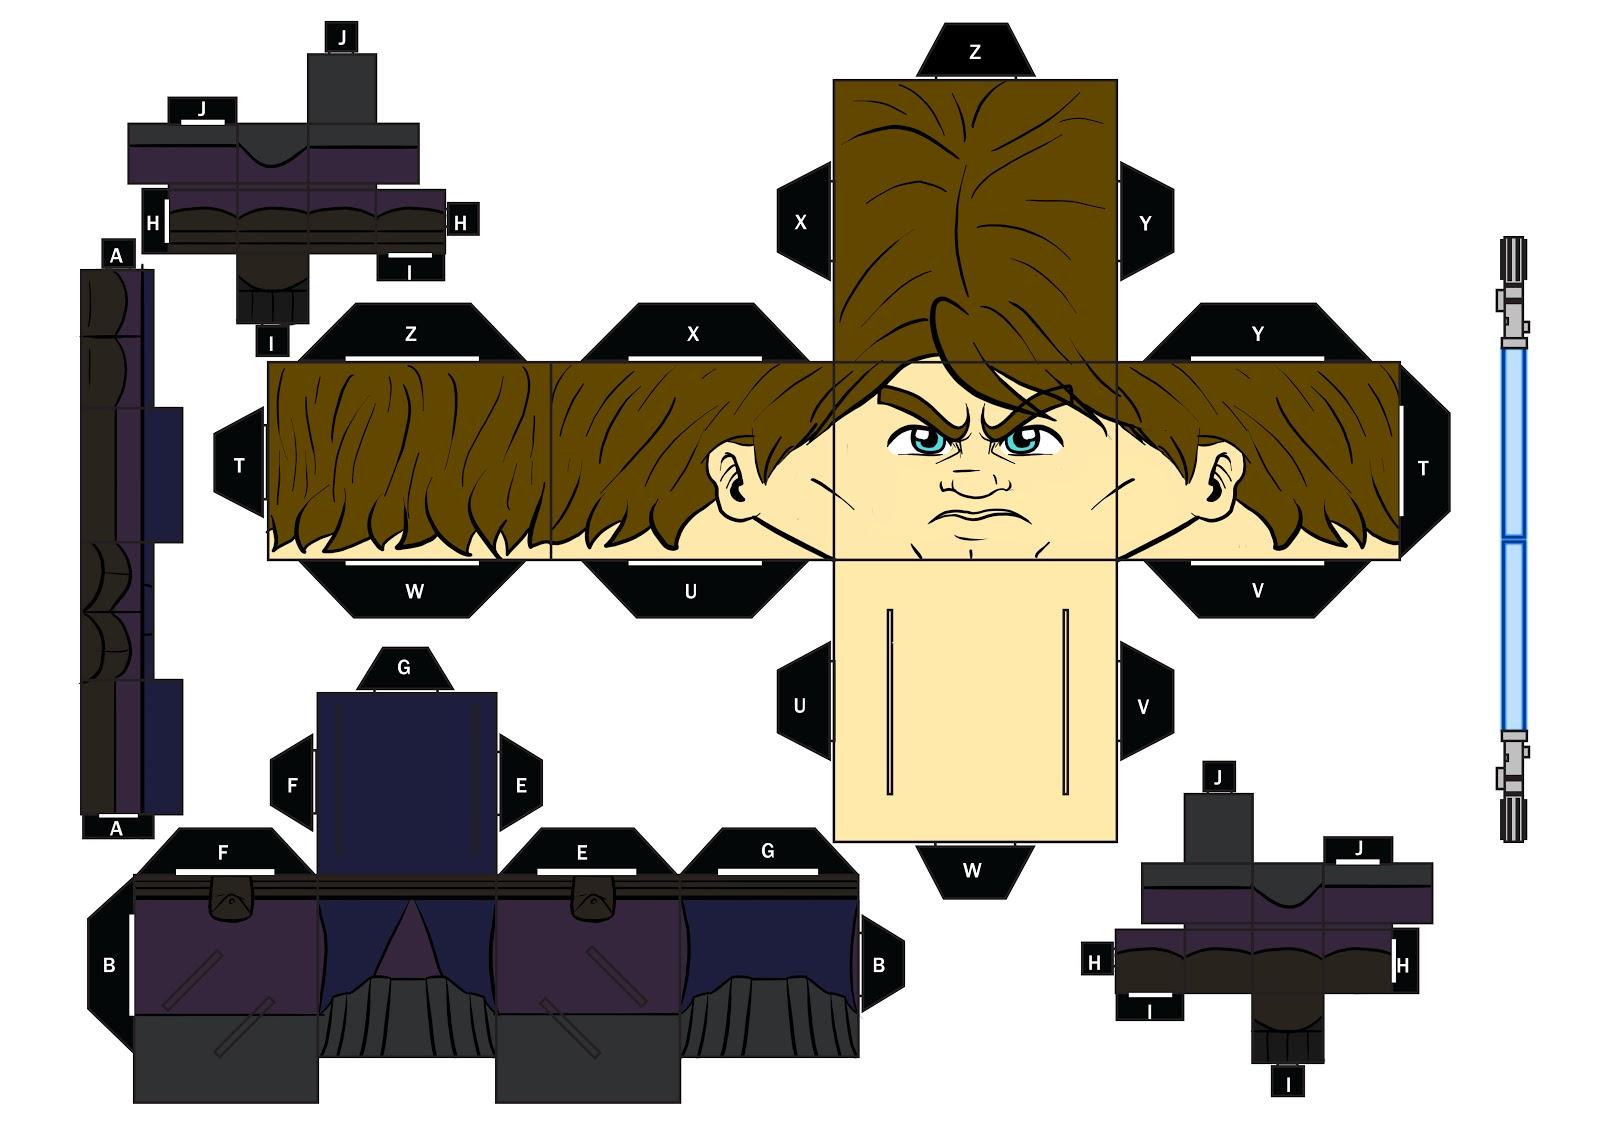 http://1.bp.blogspot.com/-XF4Oytx3GyU/UMSnyIWrjaI/AAAAAAAAAGs/whgkr2tDcMI/s1600/Anakin+paper+toy.JPG